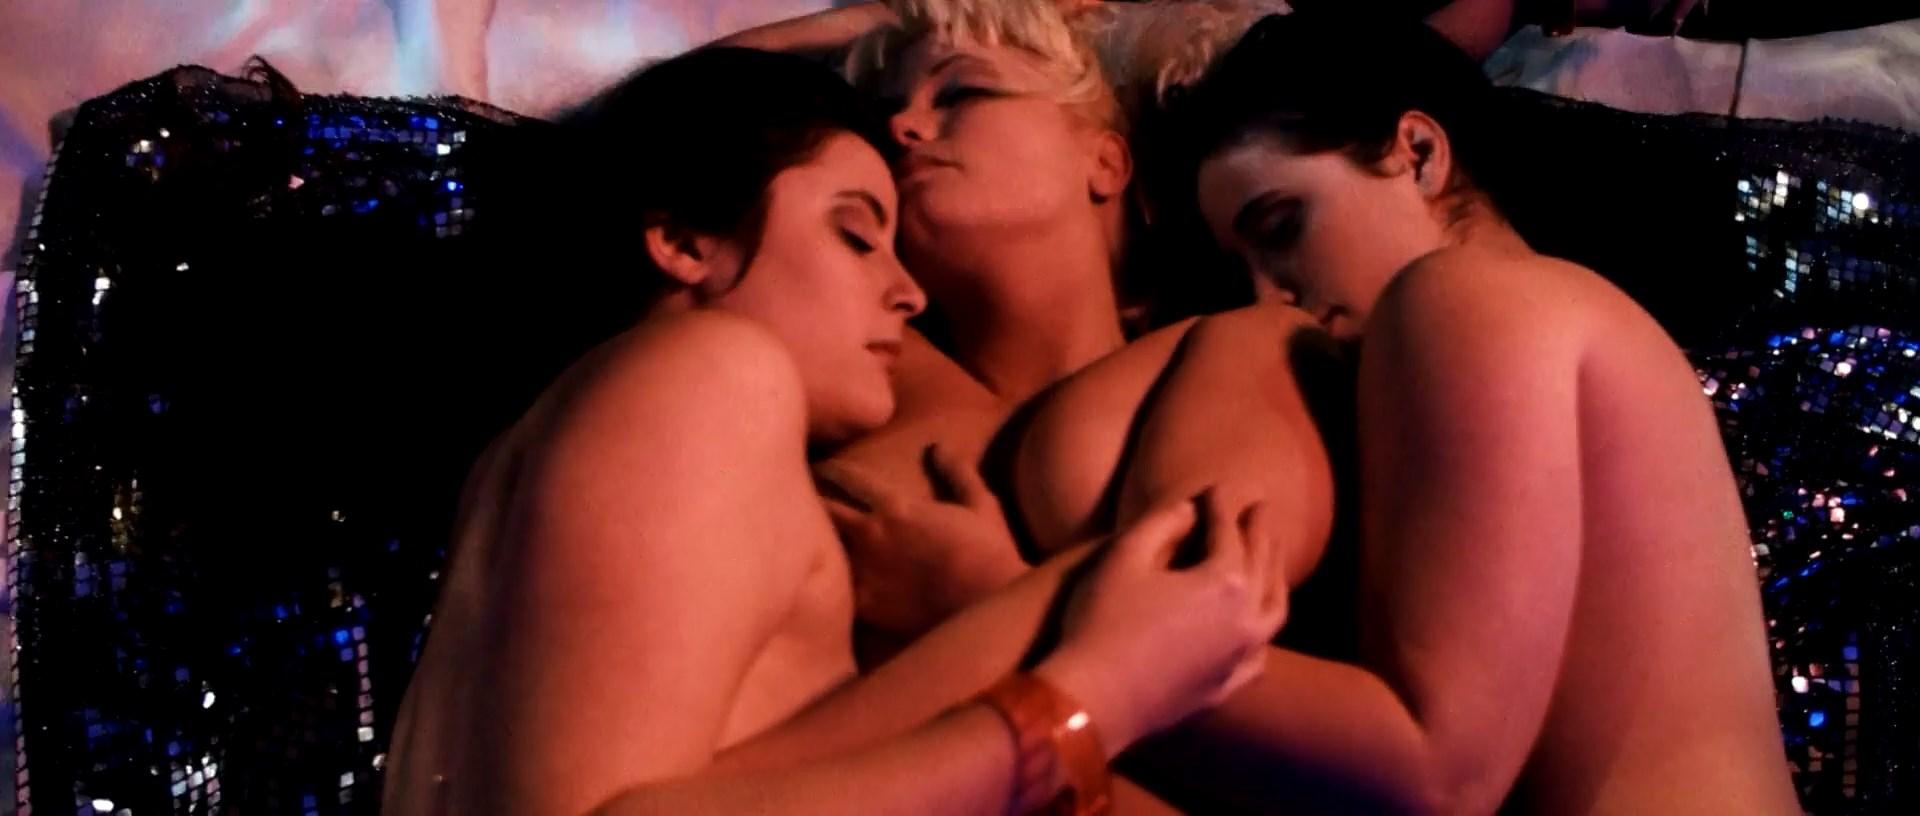 Lesbian Babes Eating Ass